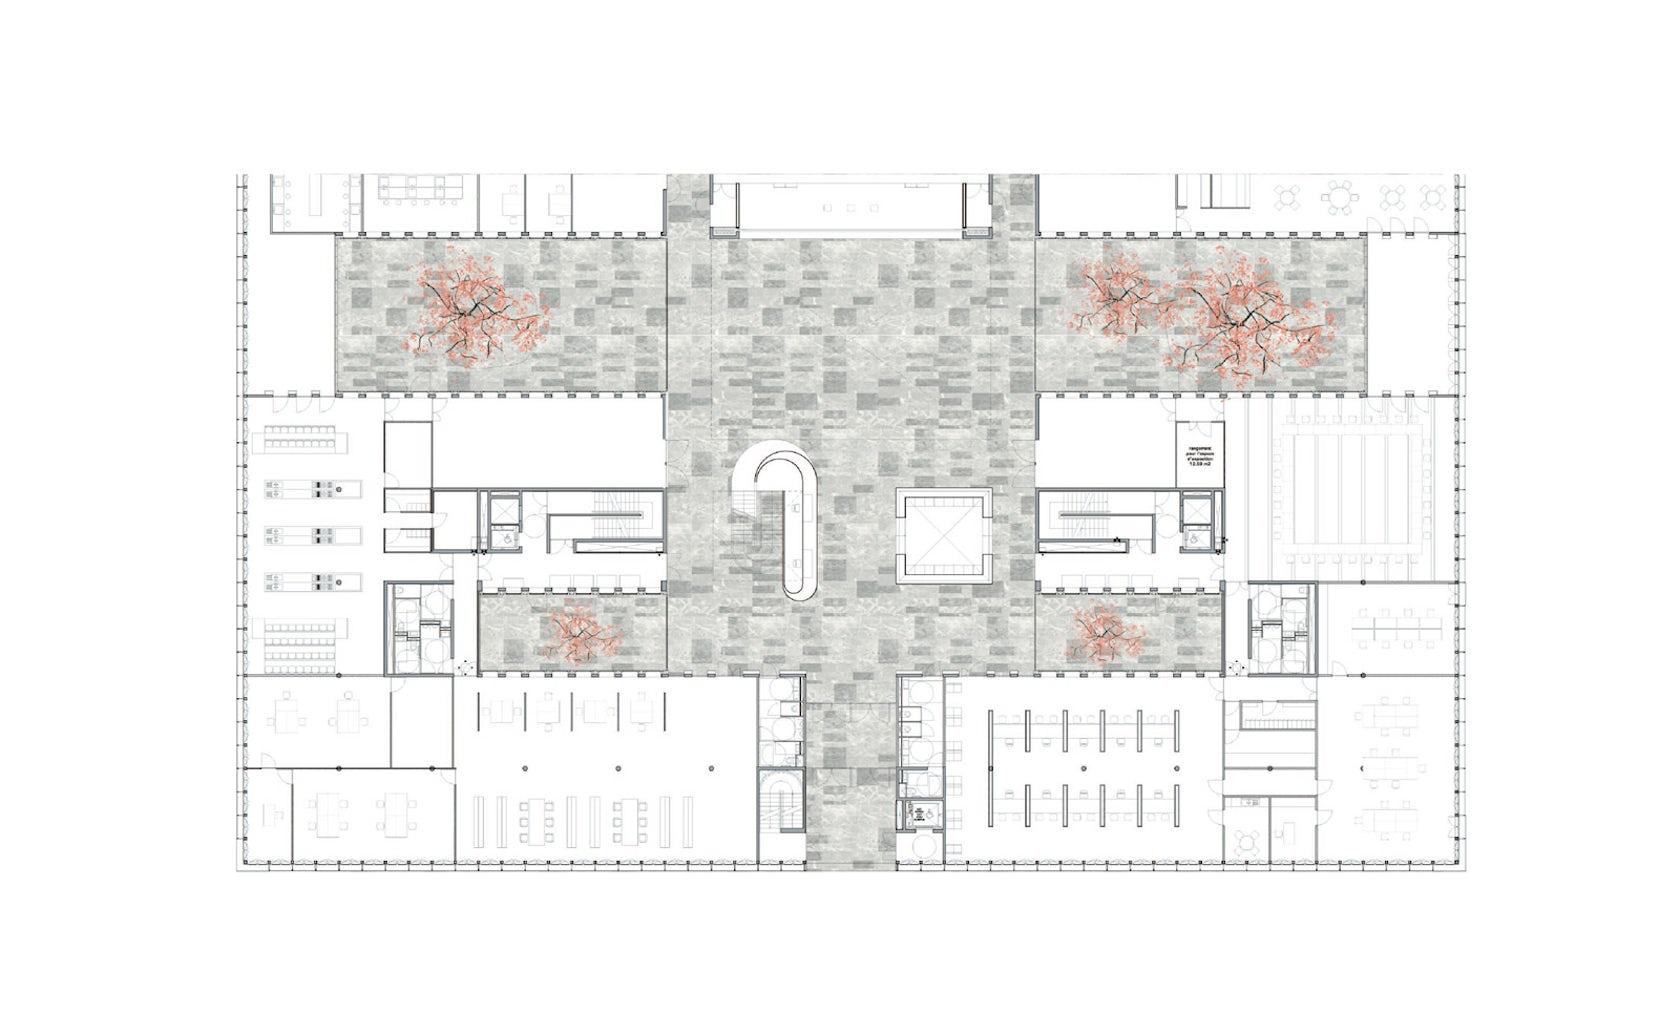 Chambre des m tiers et de l artisanat architizer - Chambre des metiers et de l artisanat lille ...